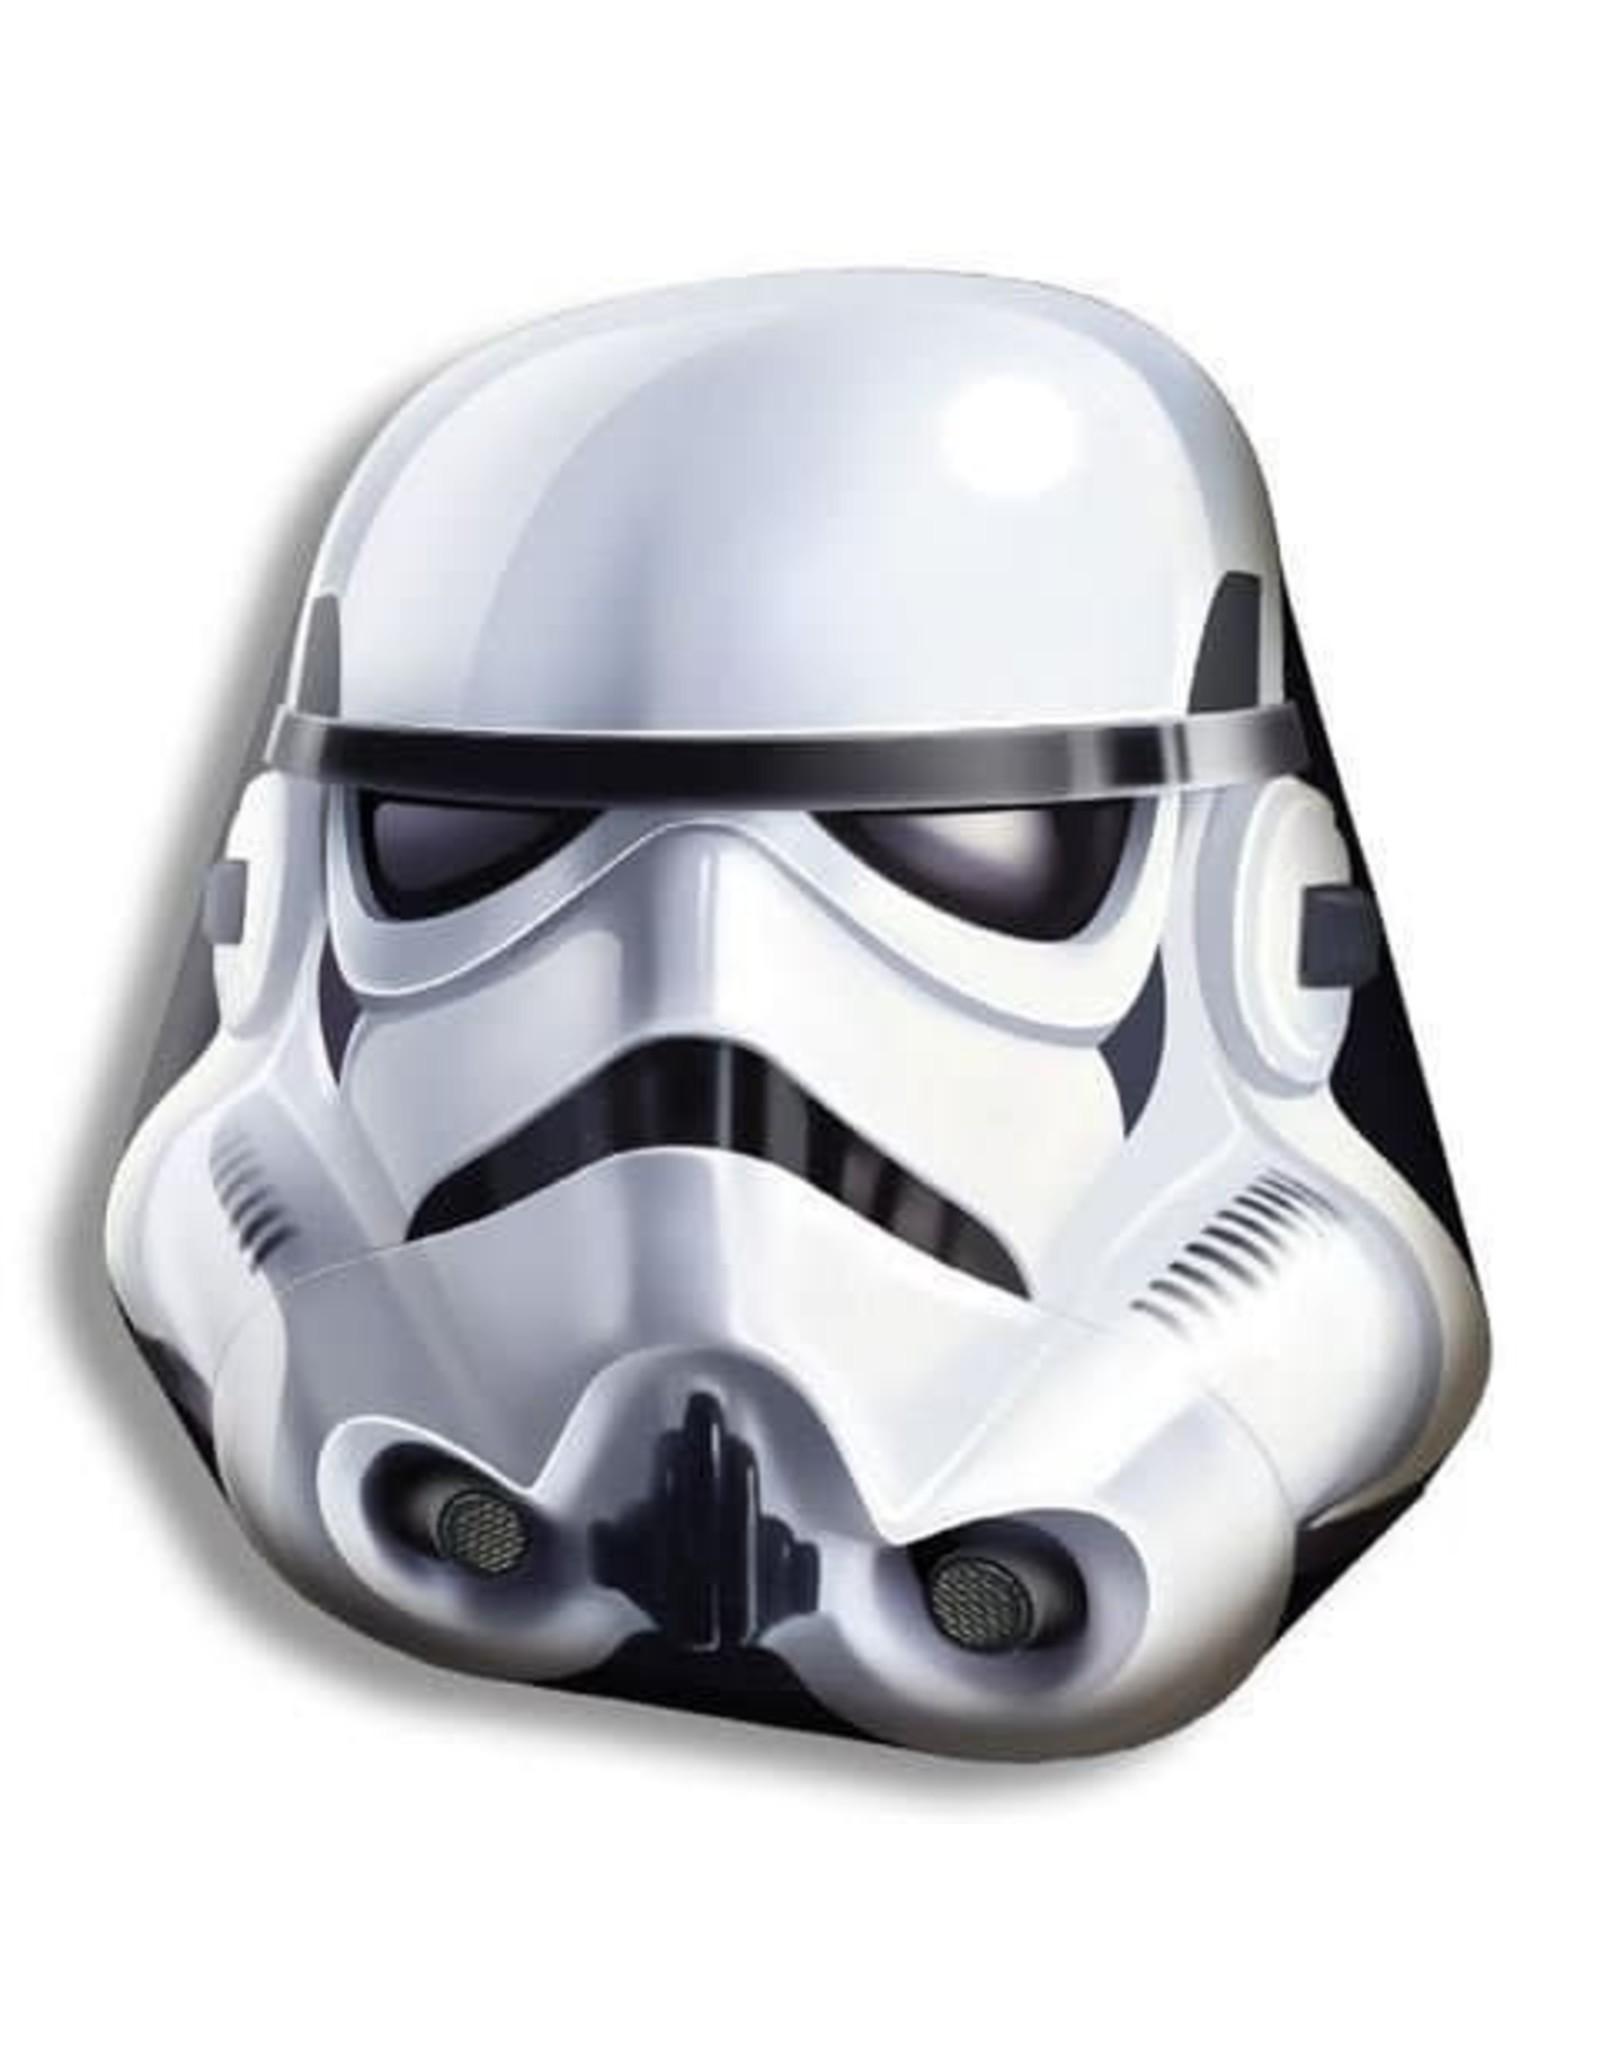 Star Wars Star Wars tassen - Star Wars Stormtrooper kussen Soft